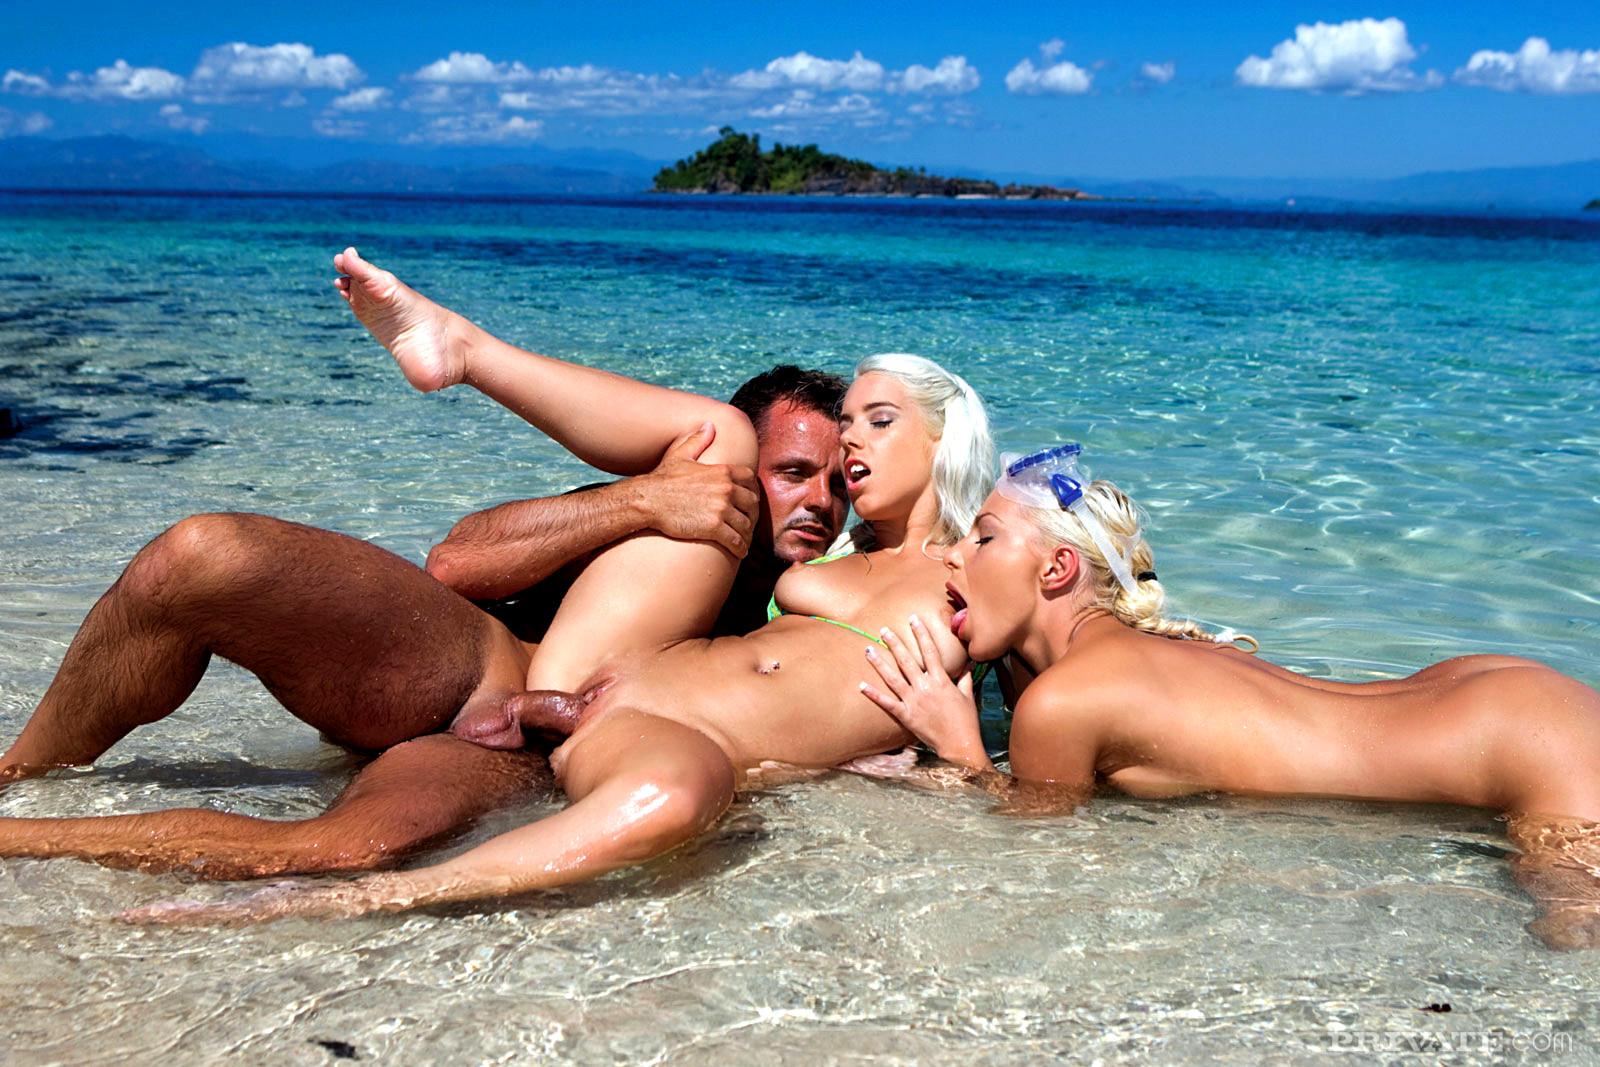 того, ебля загорелых телок на пляже первый раз